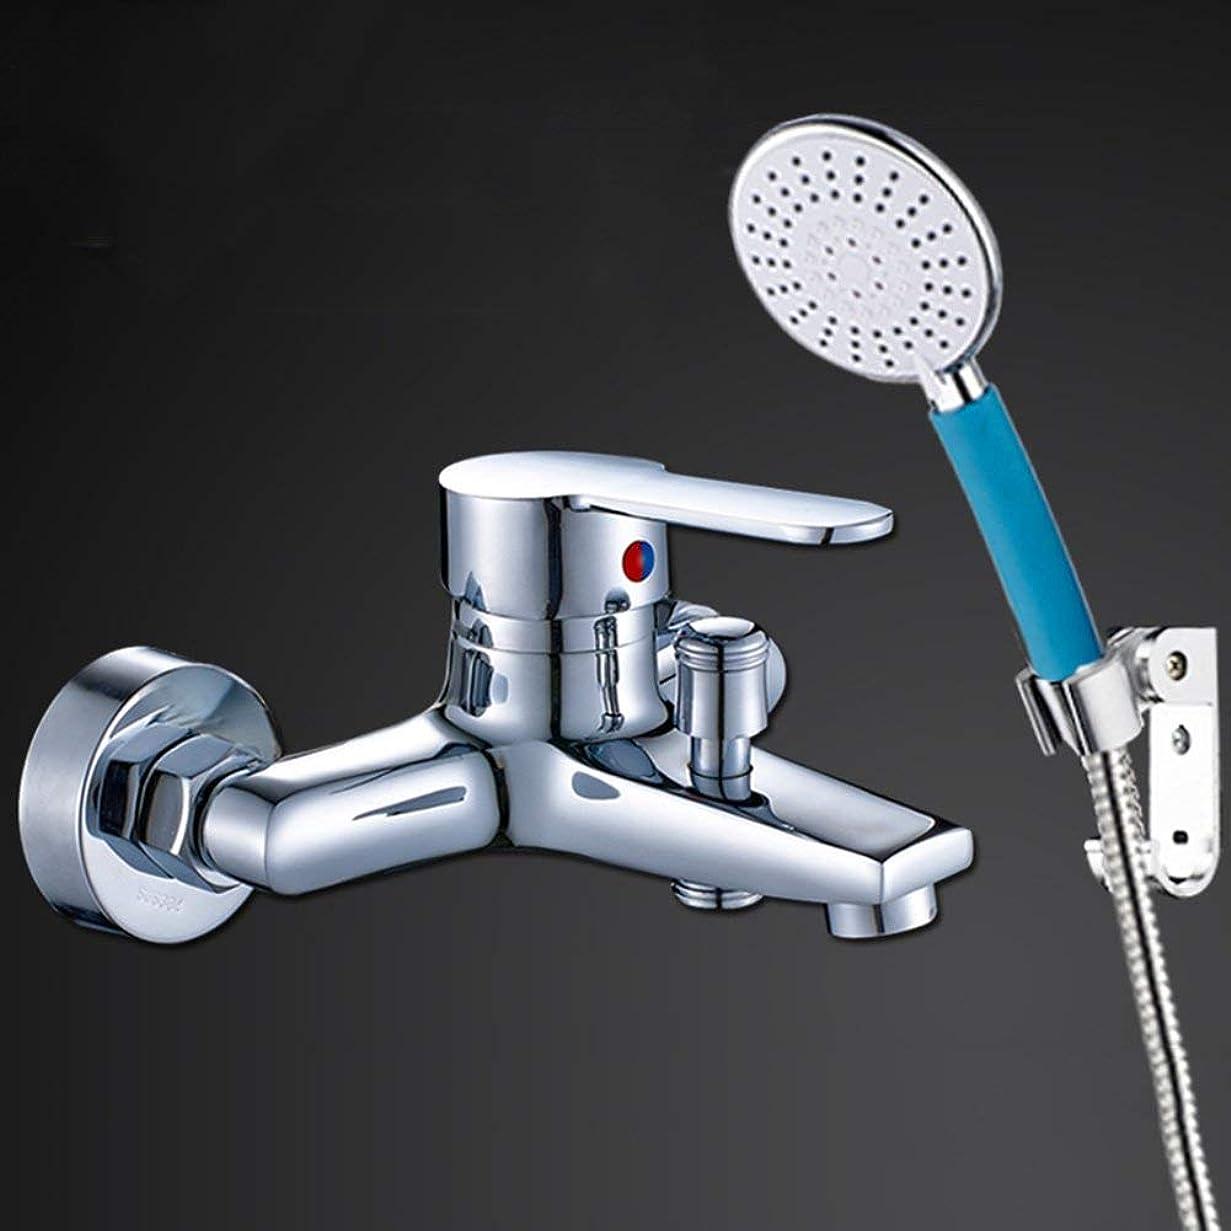 おなかがすいた漁師ヘビ実用的なハンドシャワー 混合バルブ浴室の蛇口シャワーを隠したシャワーセット (Color : 1)